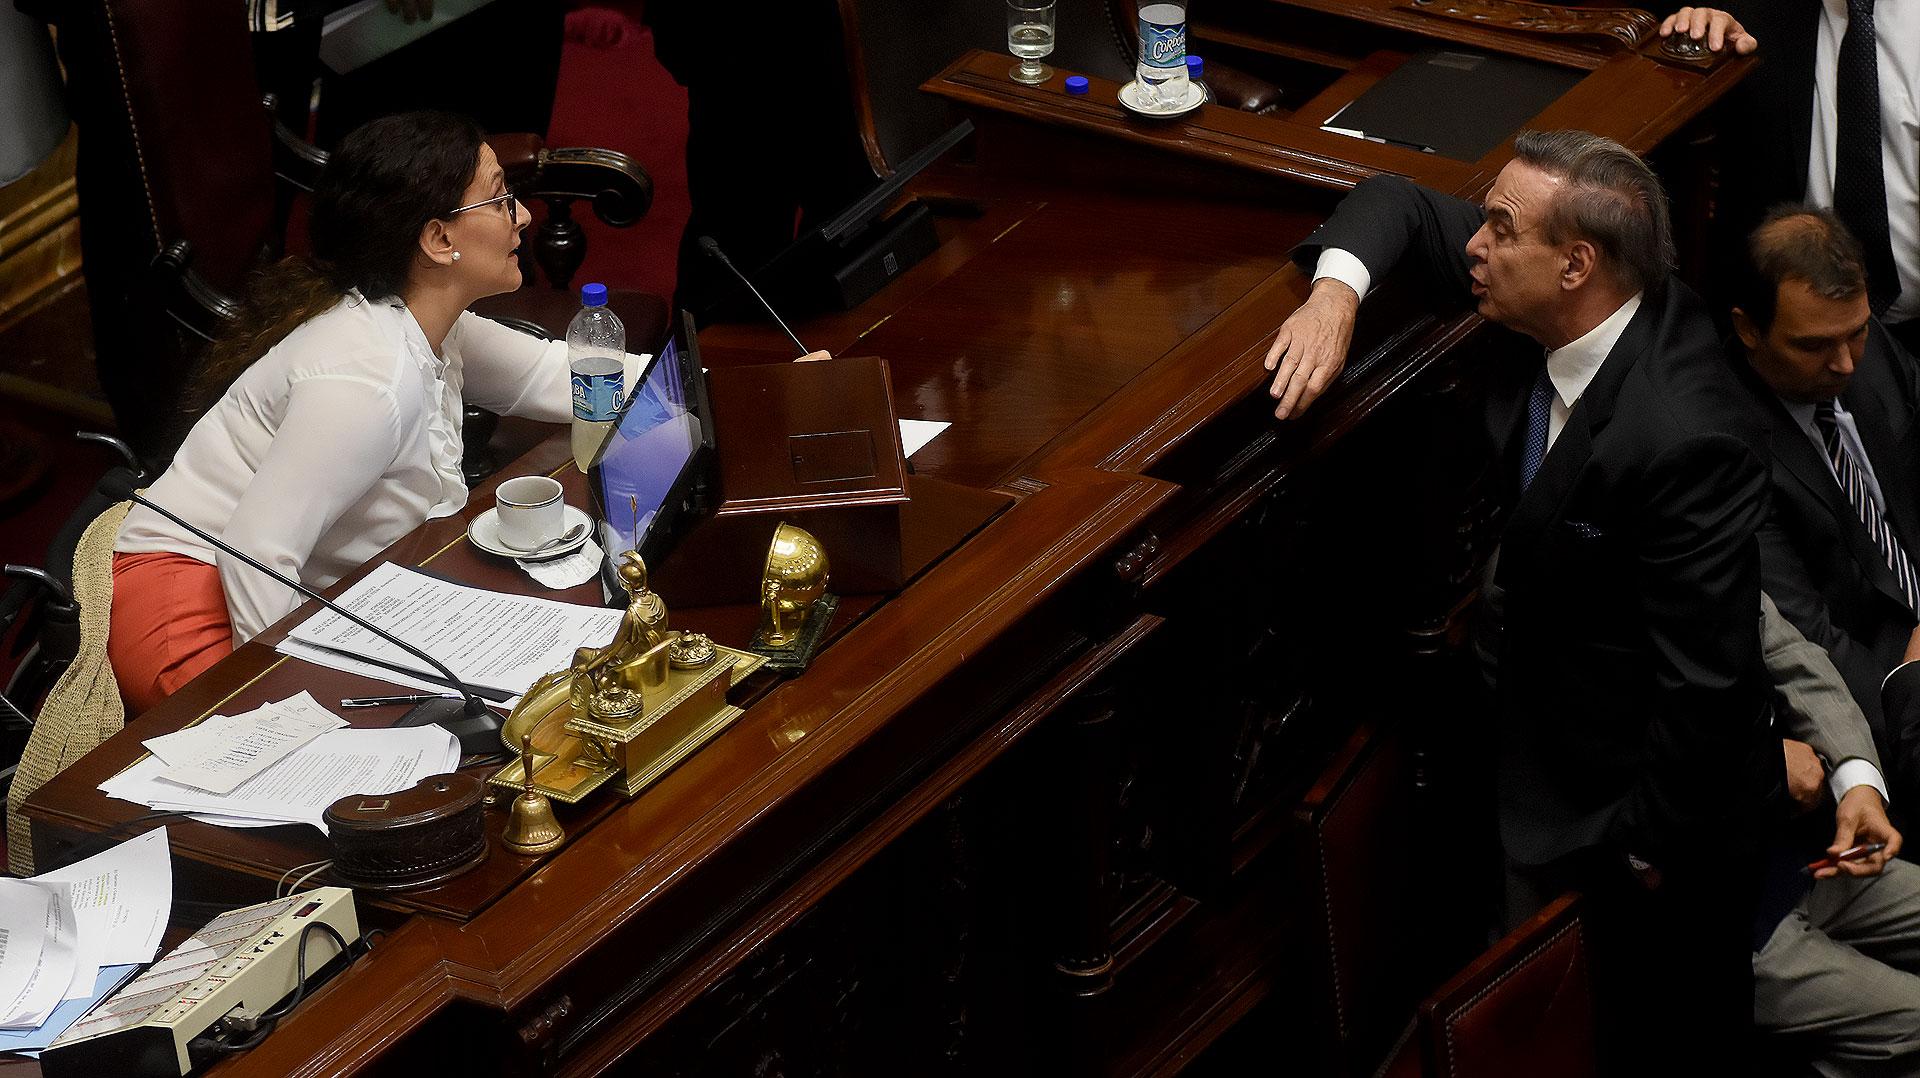 La controversia porlas comisiones enfrentó a Gabriela Michetti y Miguel Pichetto (Nicolás Stulberg)